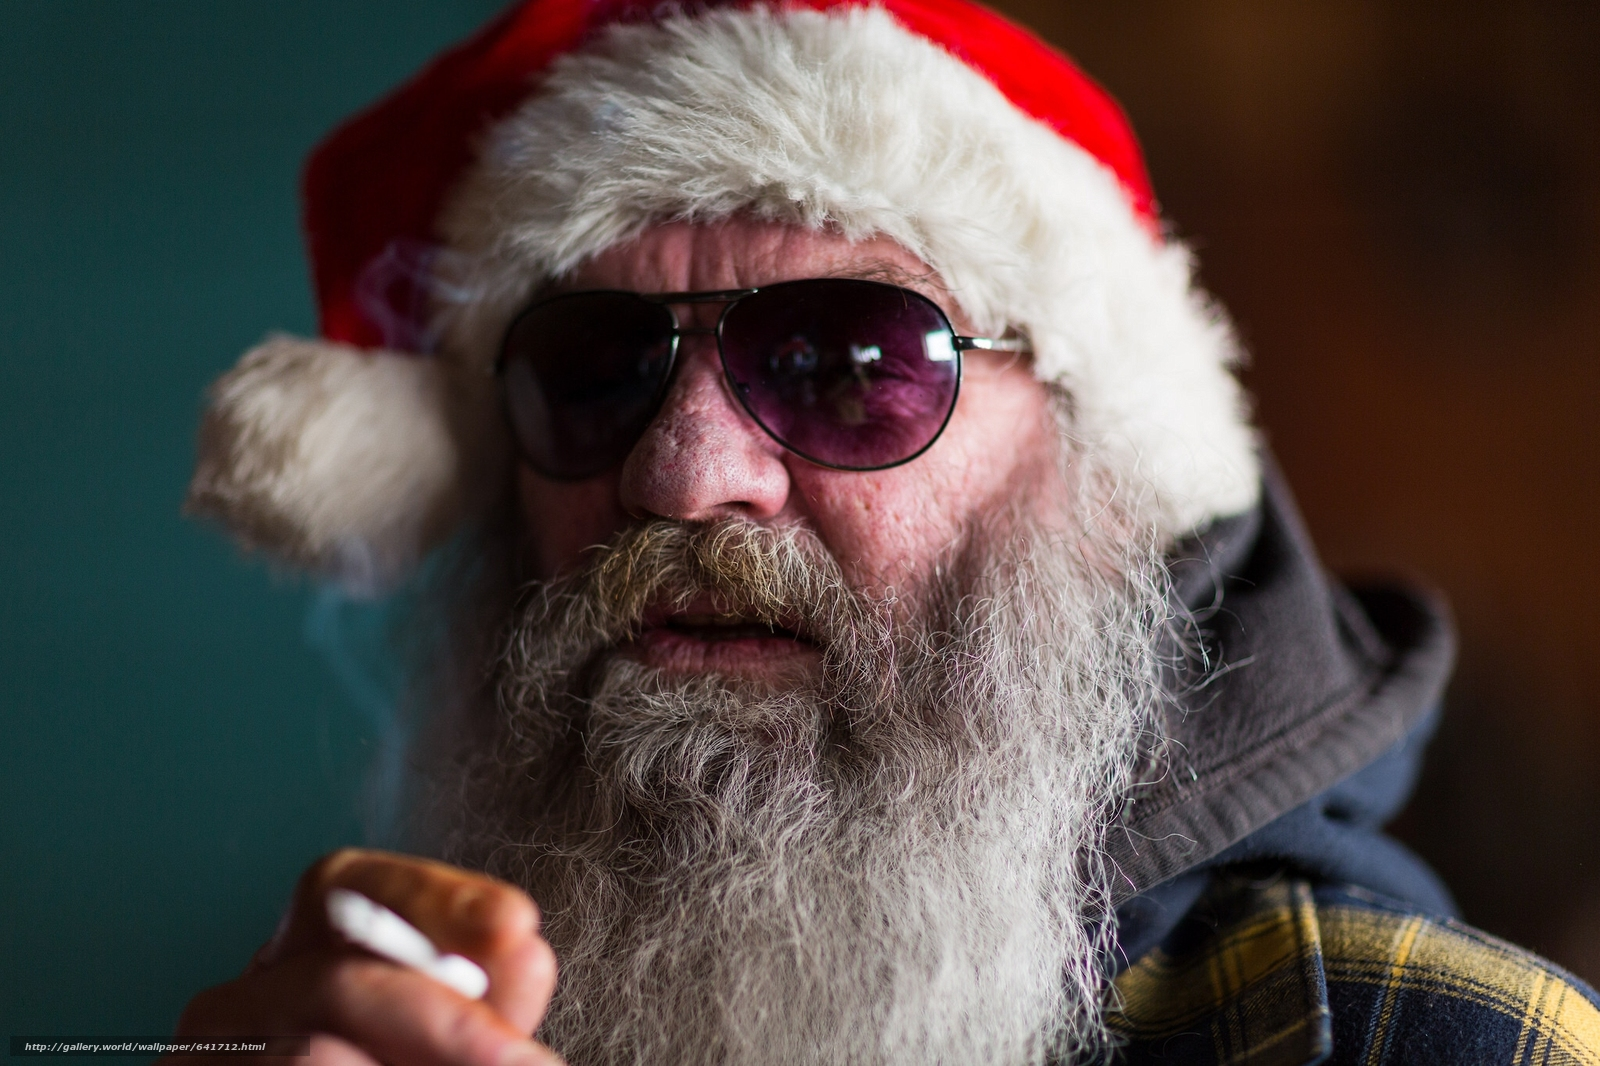 pobra tapety Święty Mikołaj,  broda,  okulary,  czapka Darmowe tapety na pulpit rozdzielczoci 2048x1365 — zdjcie №641712